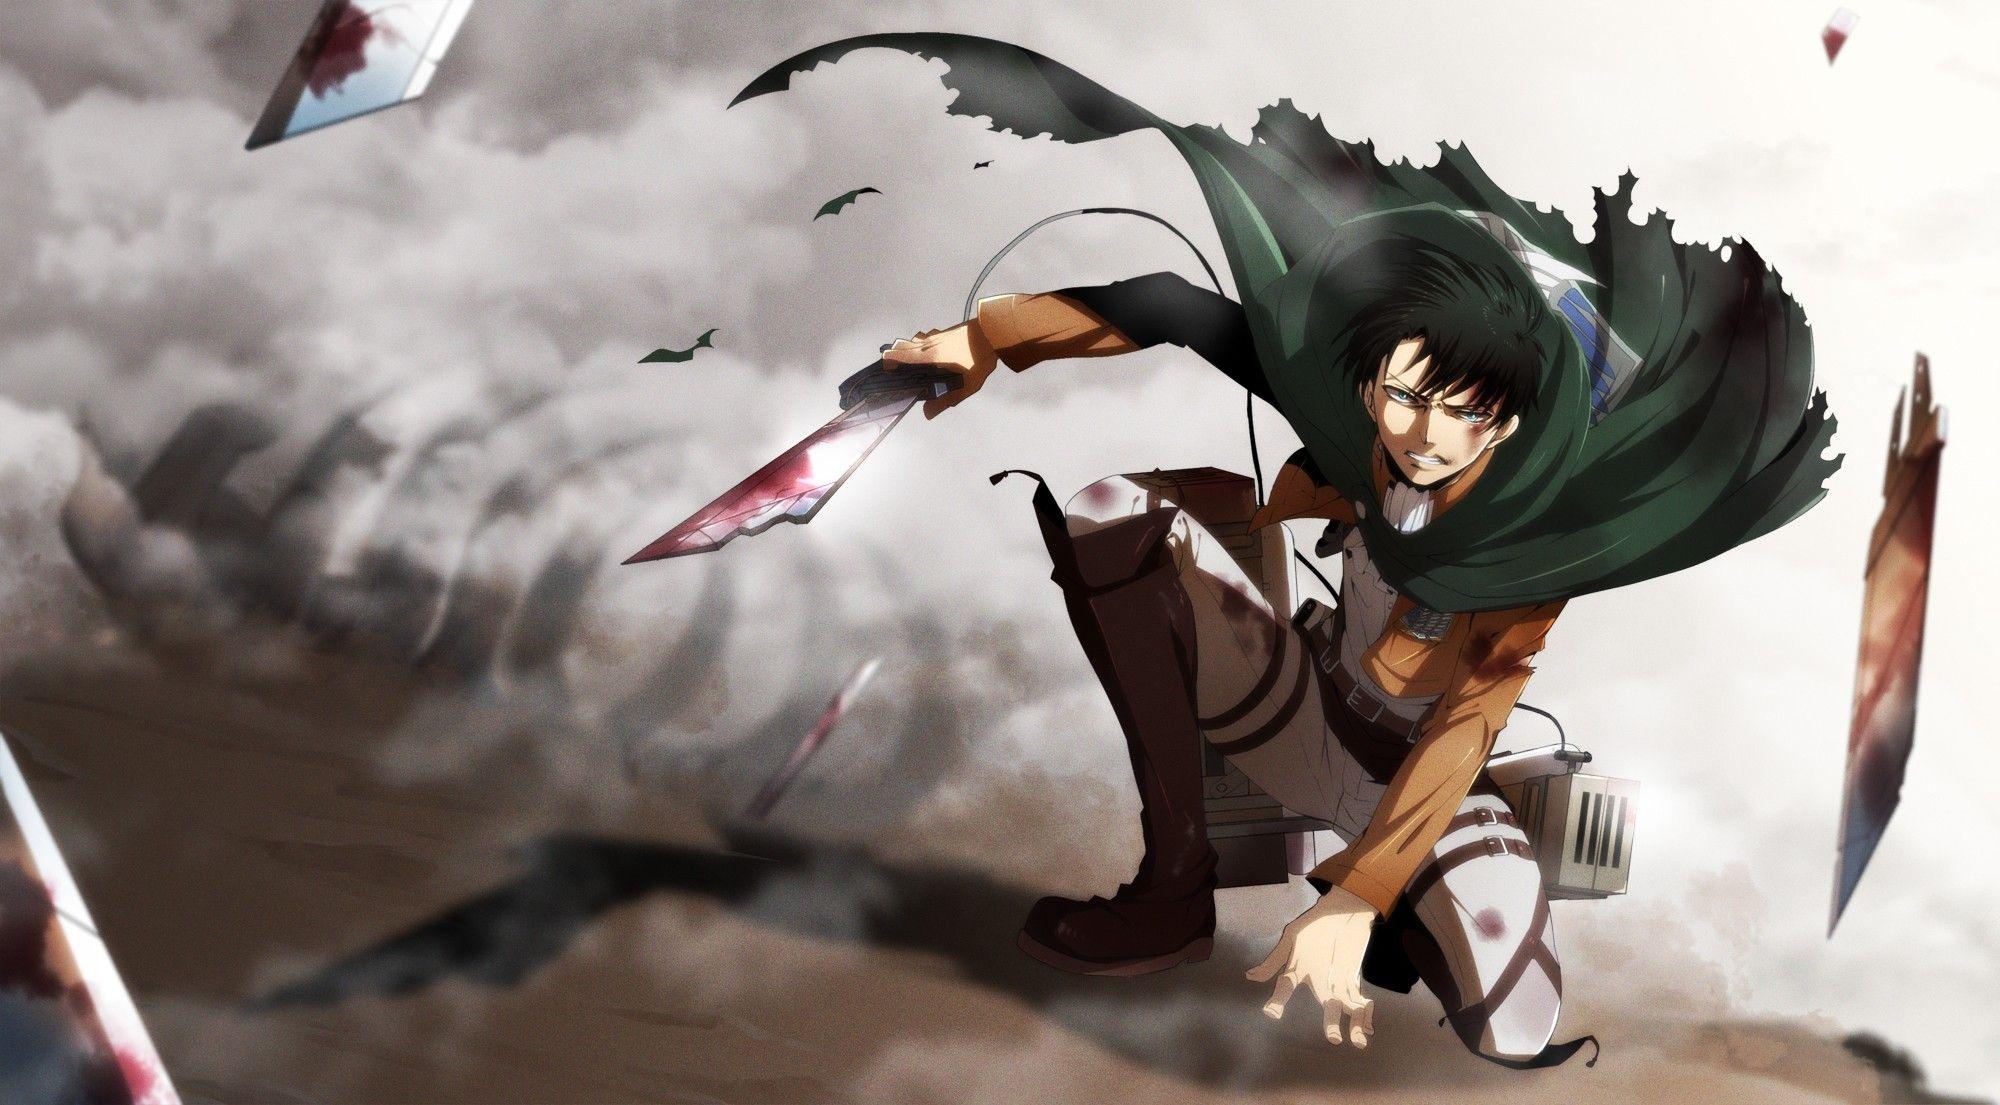 Mengunduh Gambar Anime AOT Wallpapers - Wallpaper Cave